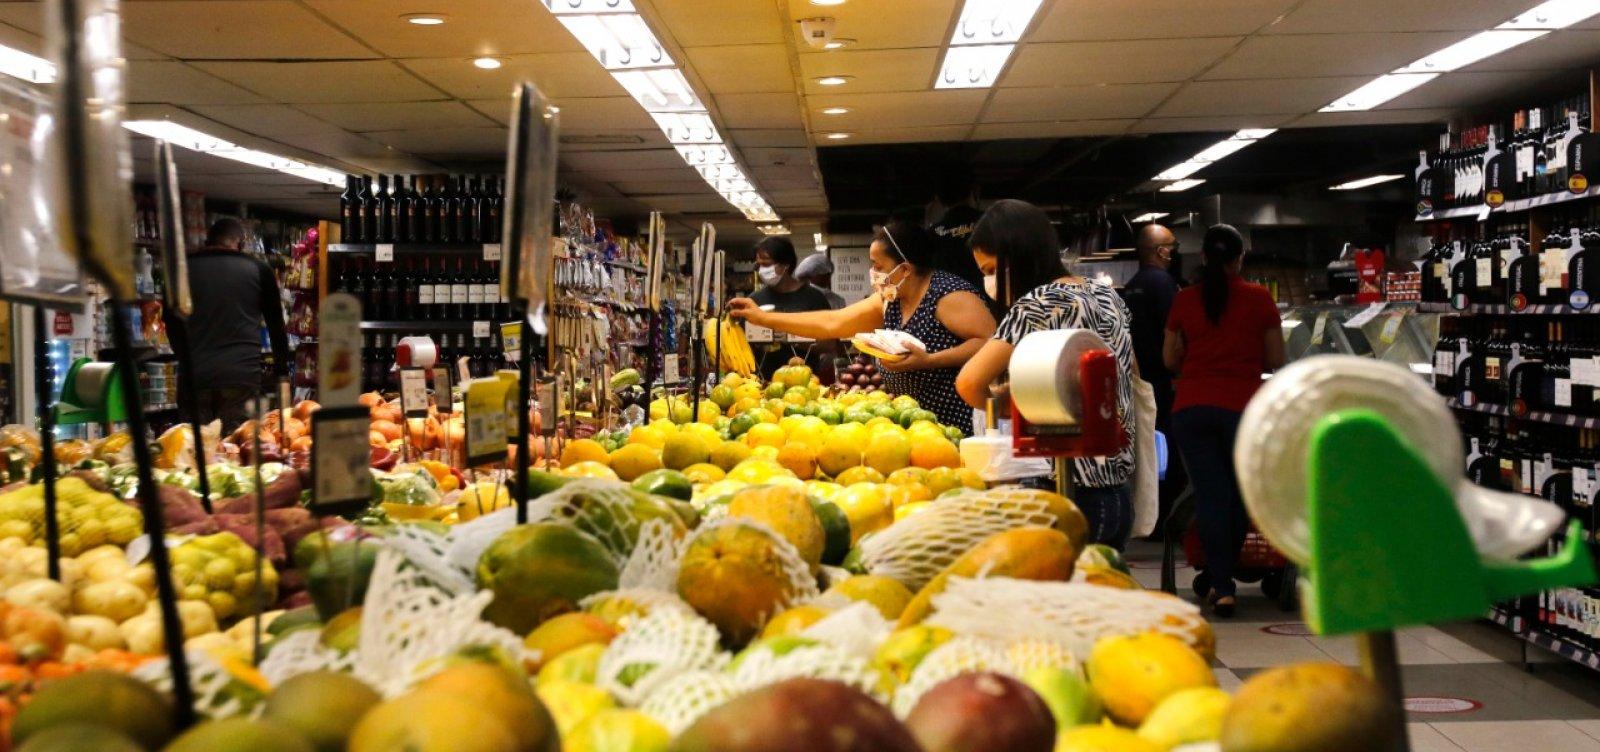 [Economia solicita informações sobre notificação a supermercados ao Ministério da Justiça]